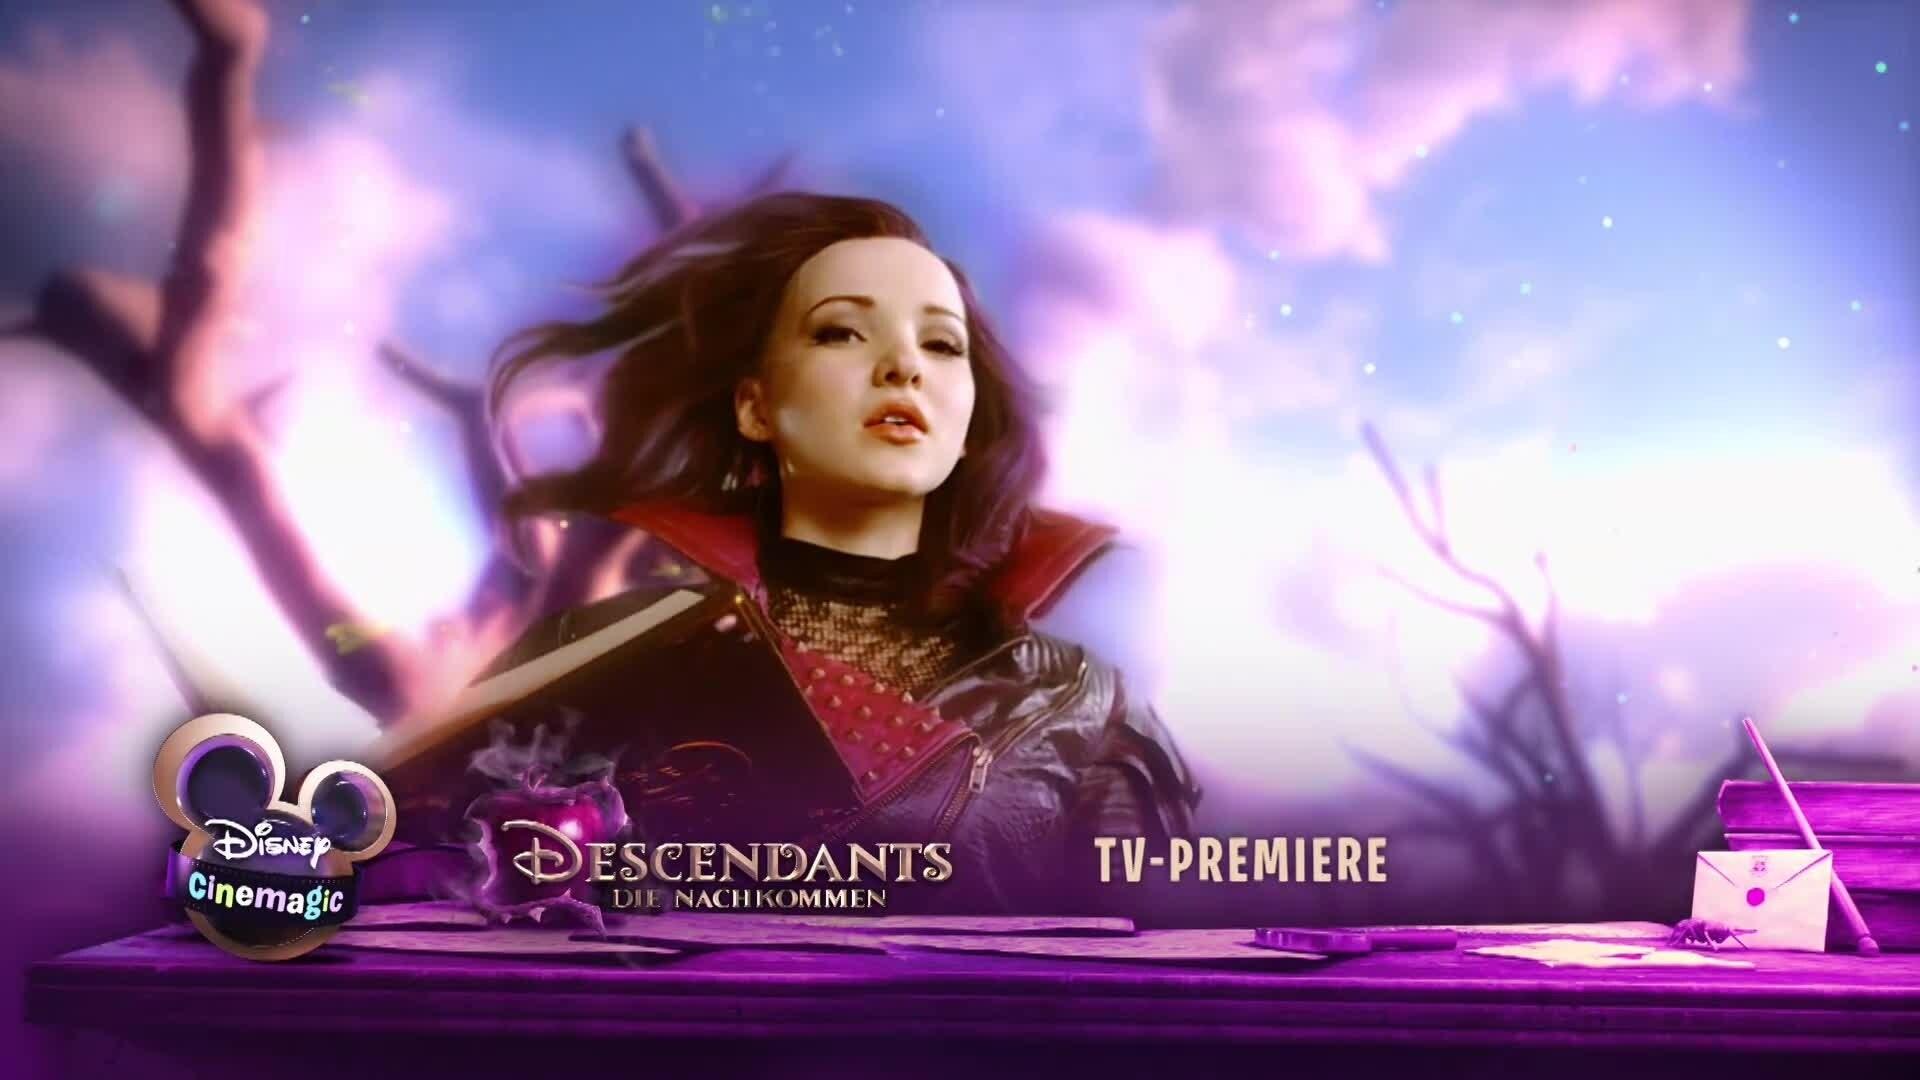 Descendants - Die Nachkommen